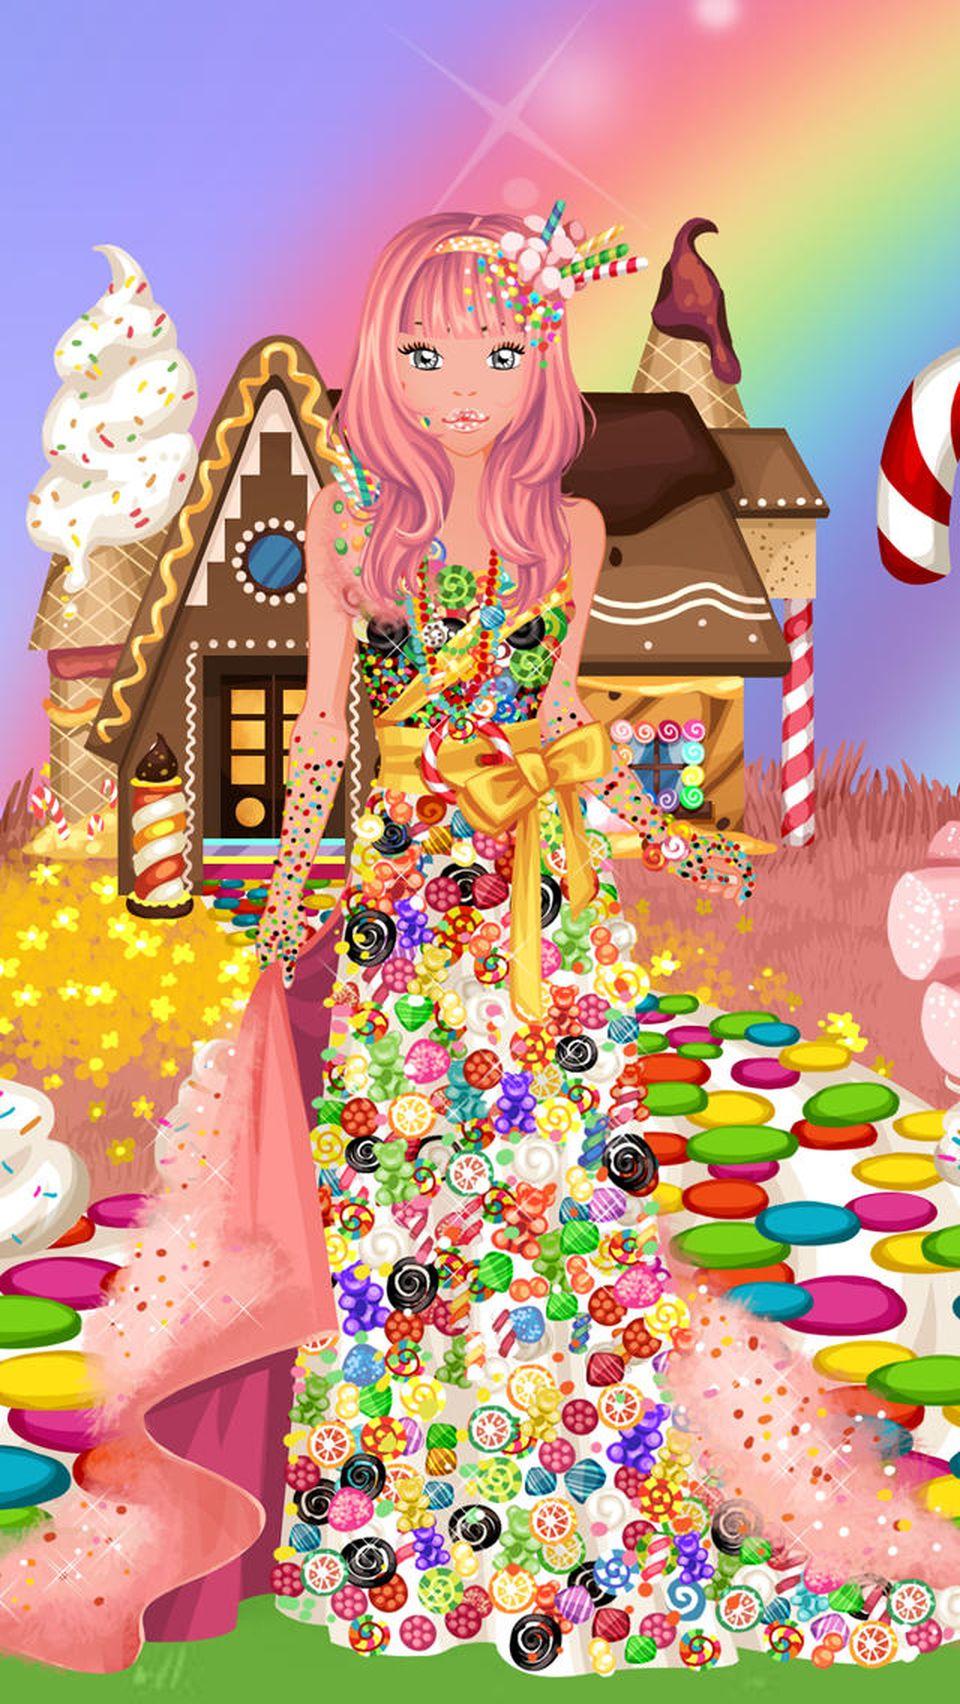 Affiches posters et images de princesse habillage jeux 2013 - Jeux de d habillage ...